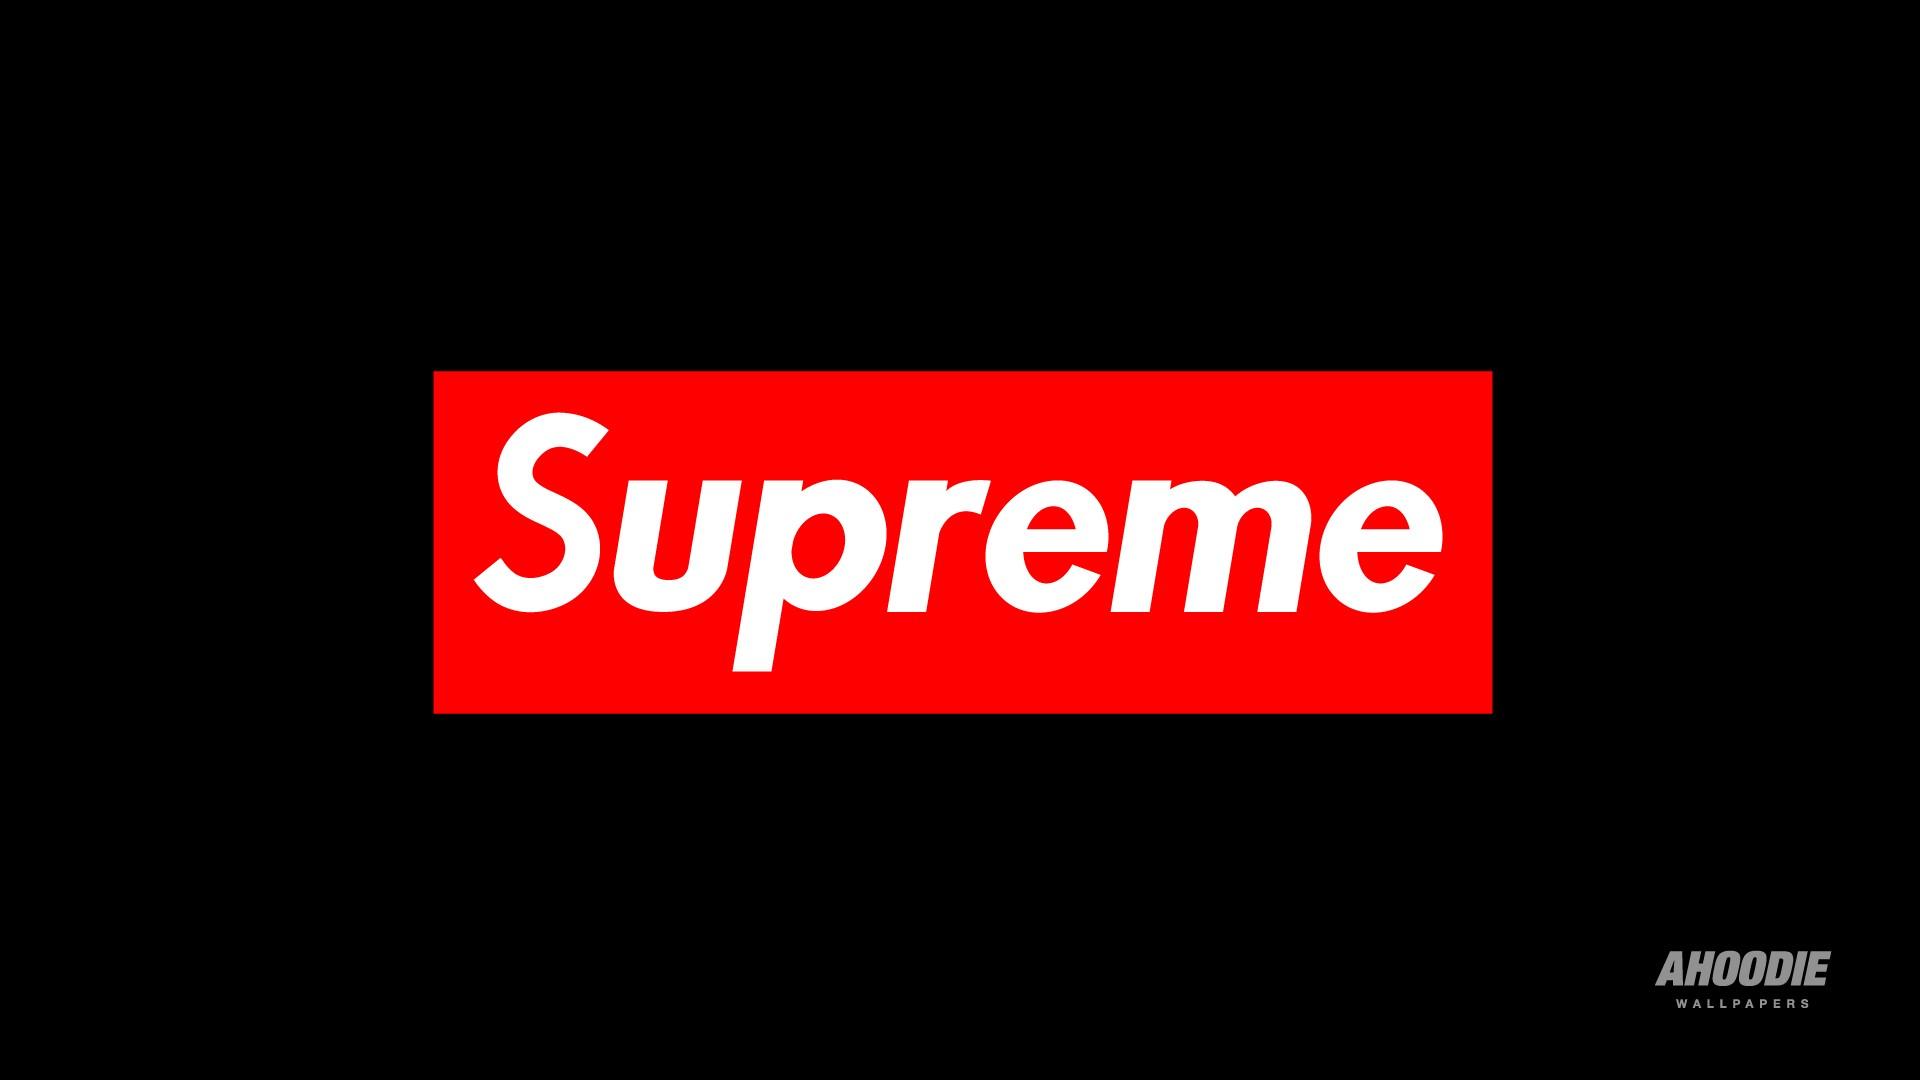 Wallpaper Text Logo Brand Supreme Presentation Font 1920x1080